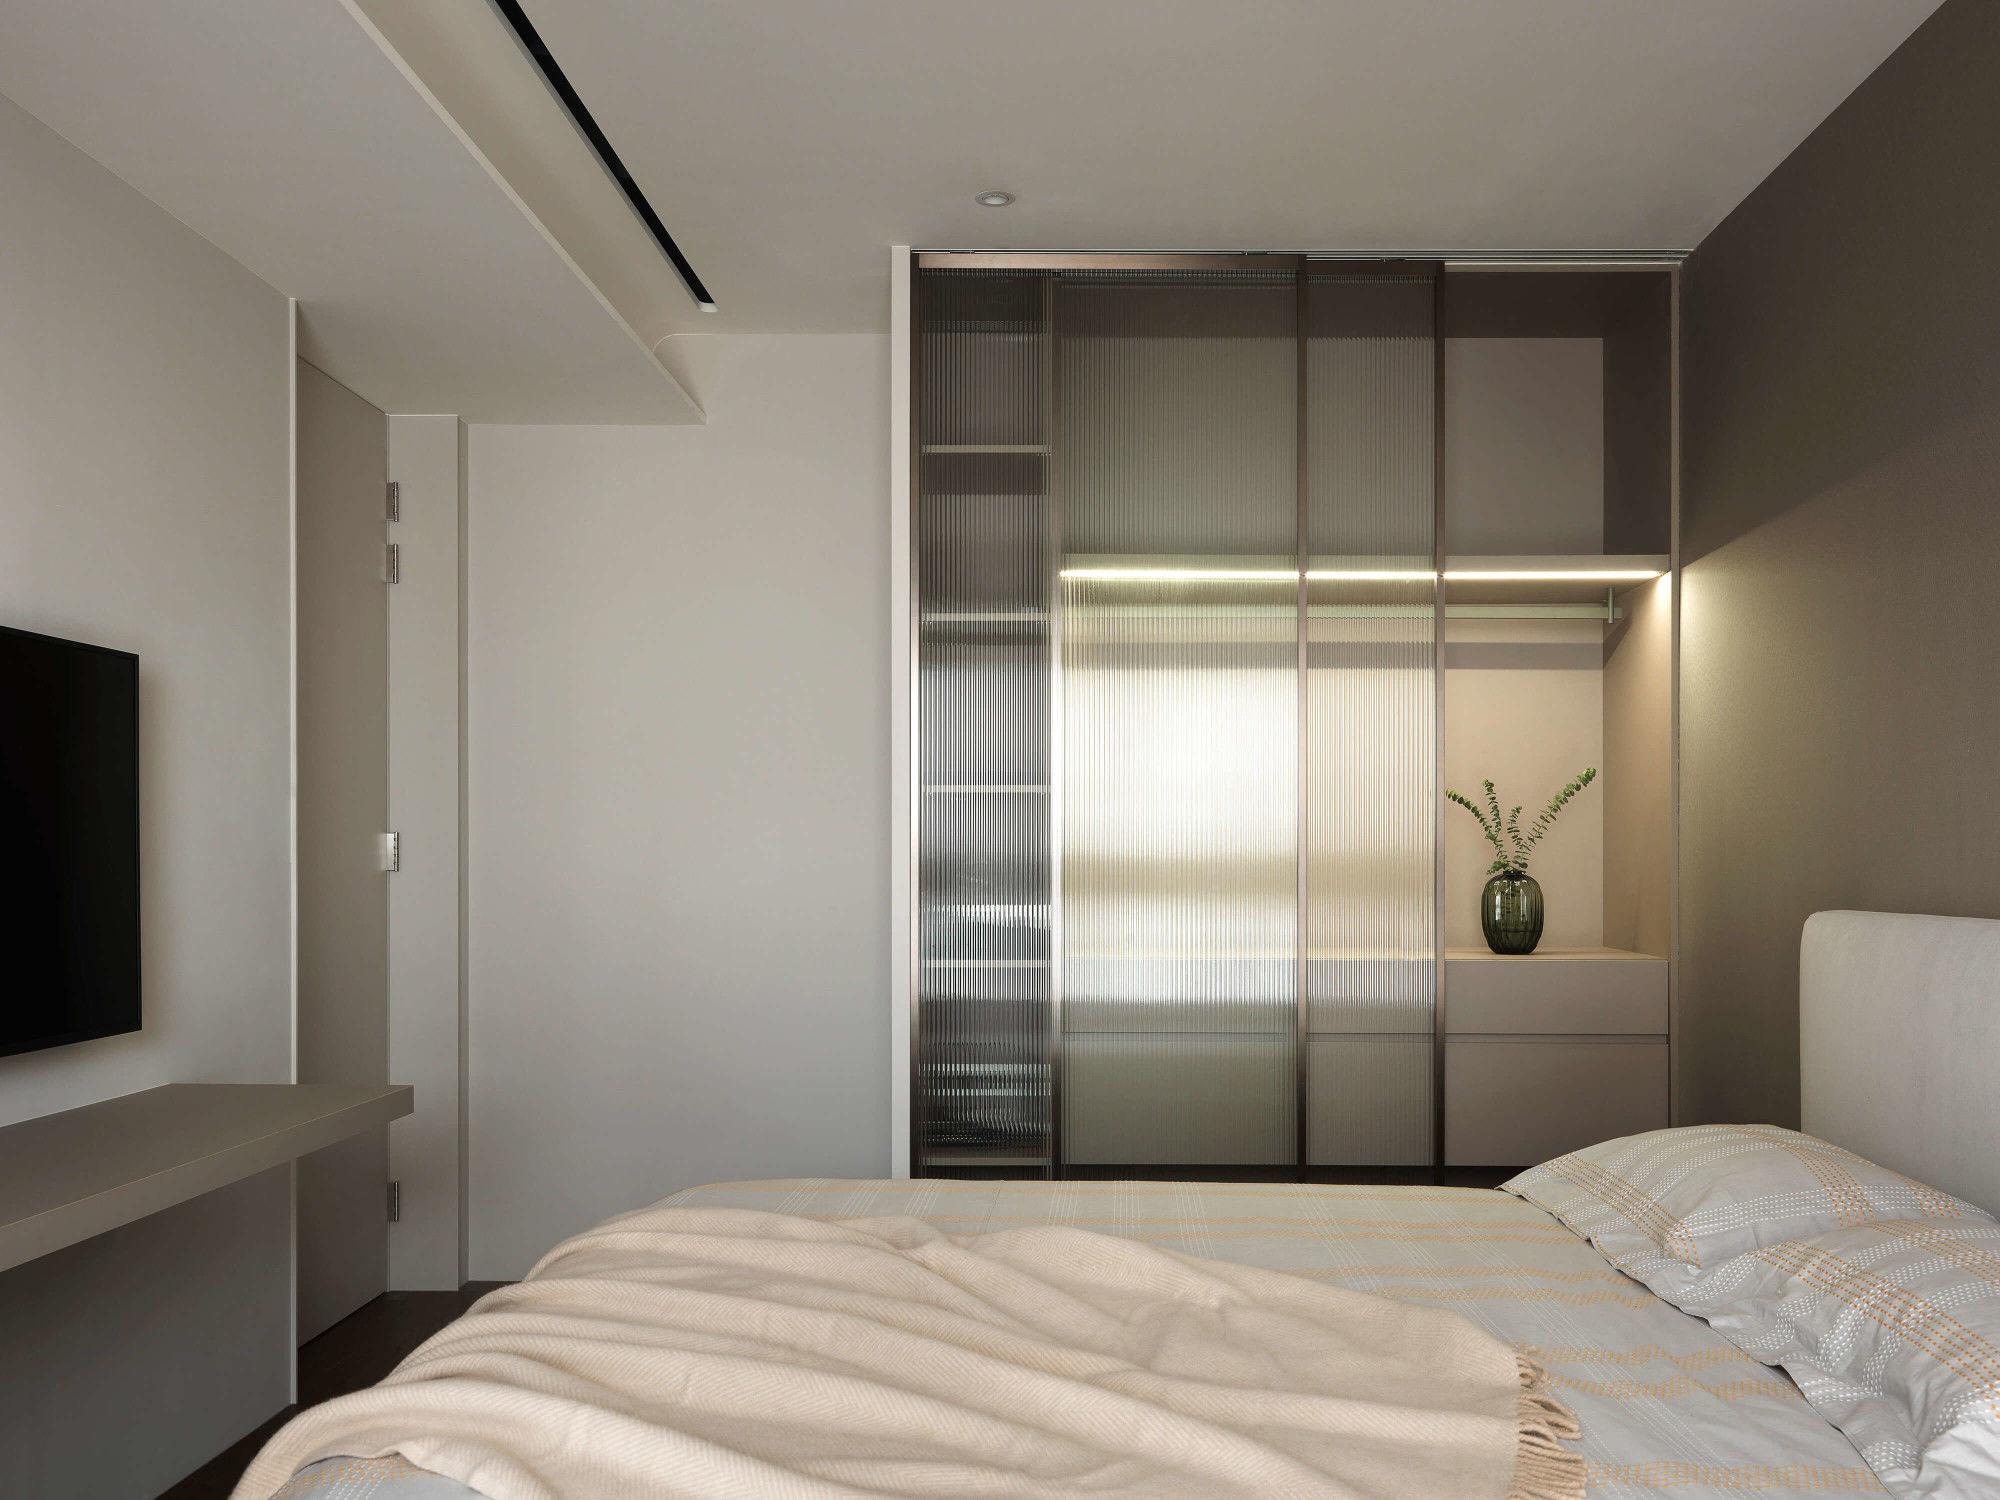 分子室內裝修設計-台中七期現代風格-臥室空間設計、現代俐落